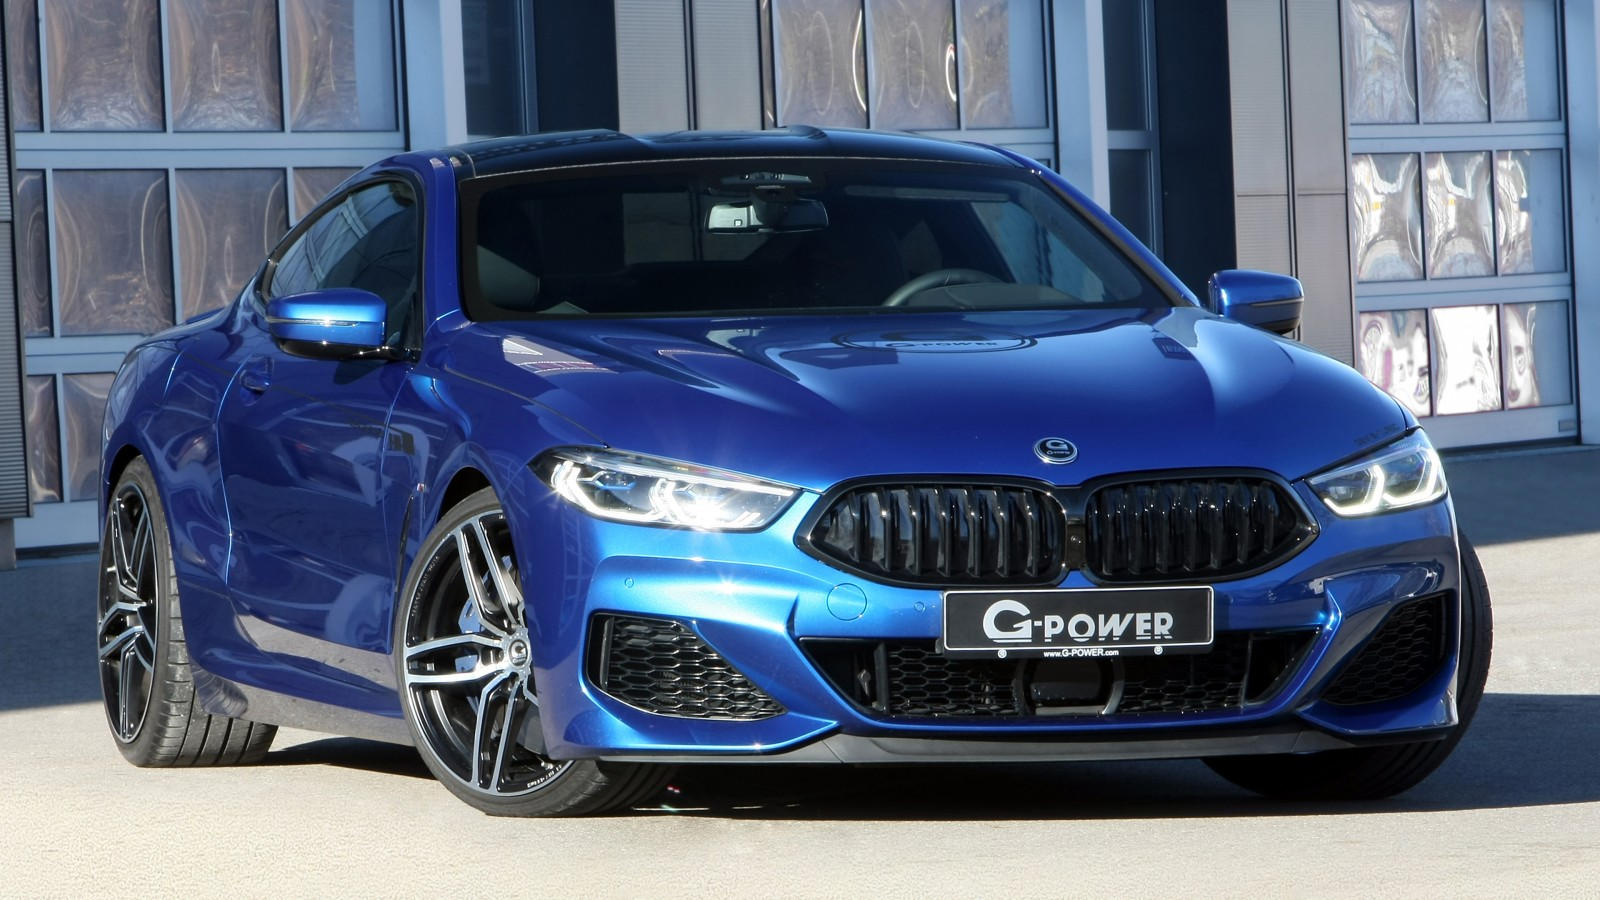 G-Power BMW M850i XDrive 2019 4K Wallpaper